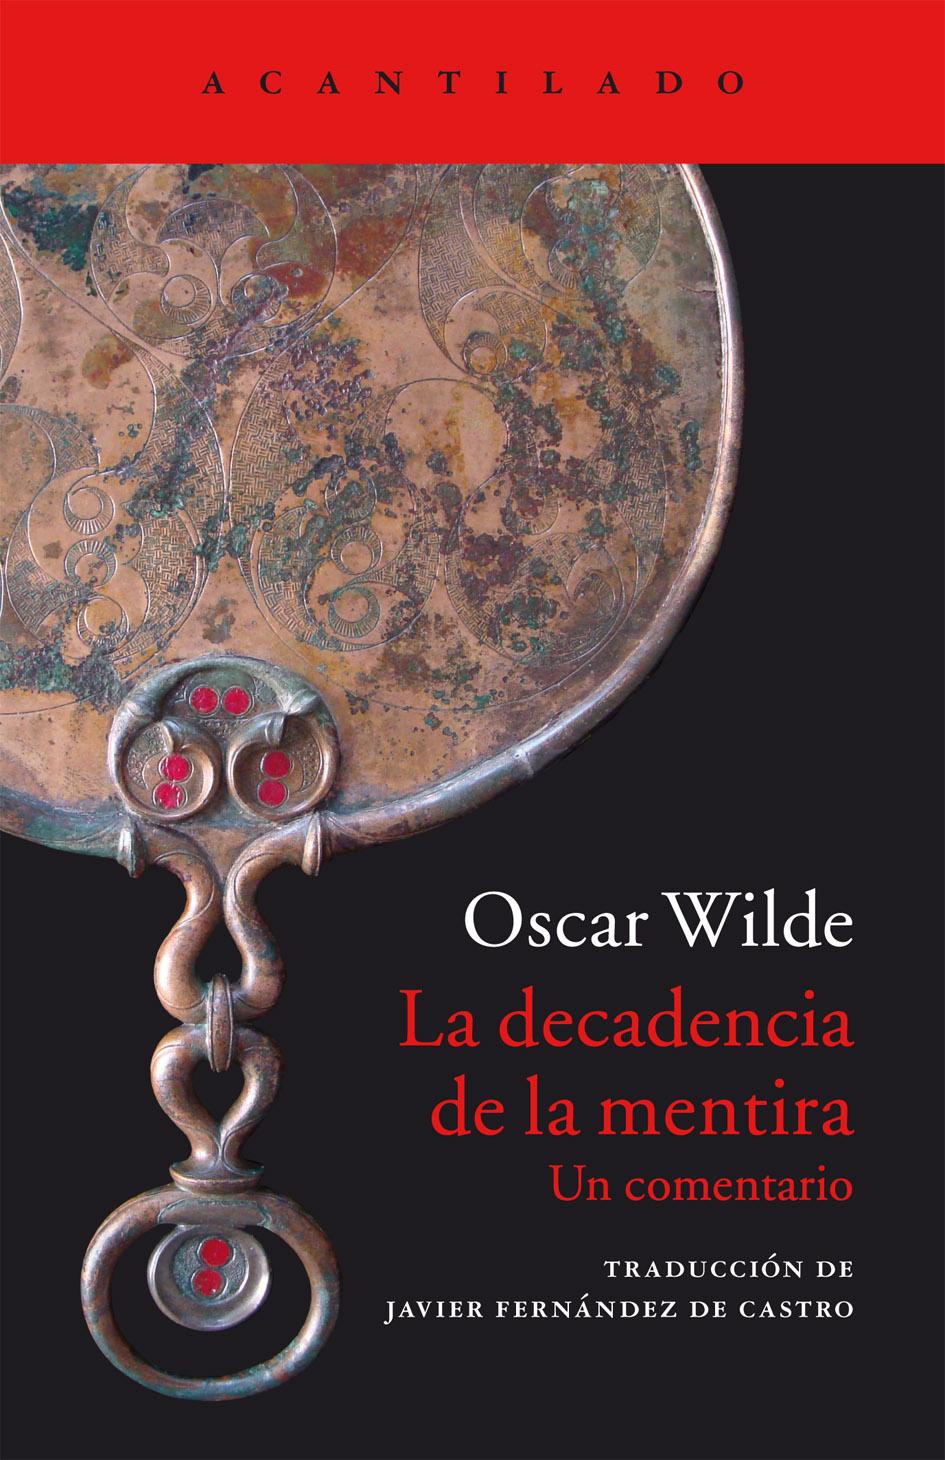 La Decadencia De La Mentira Editorial Acantilado